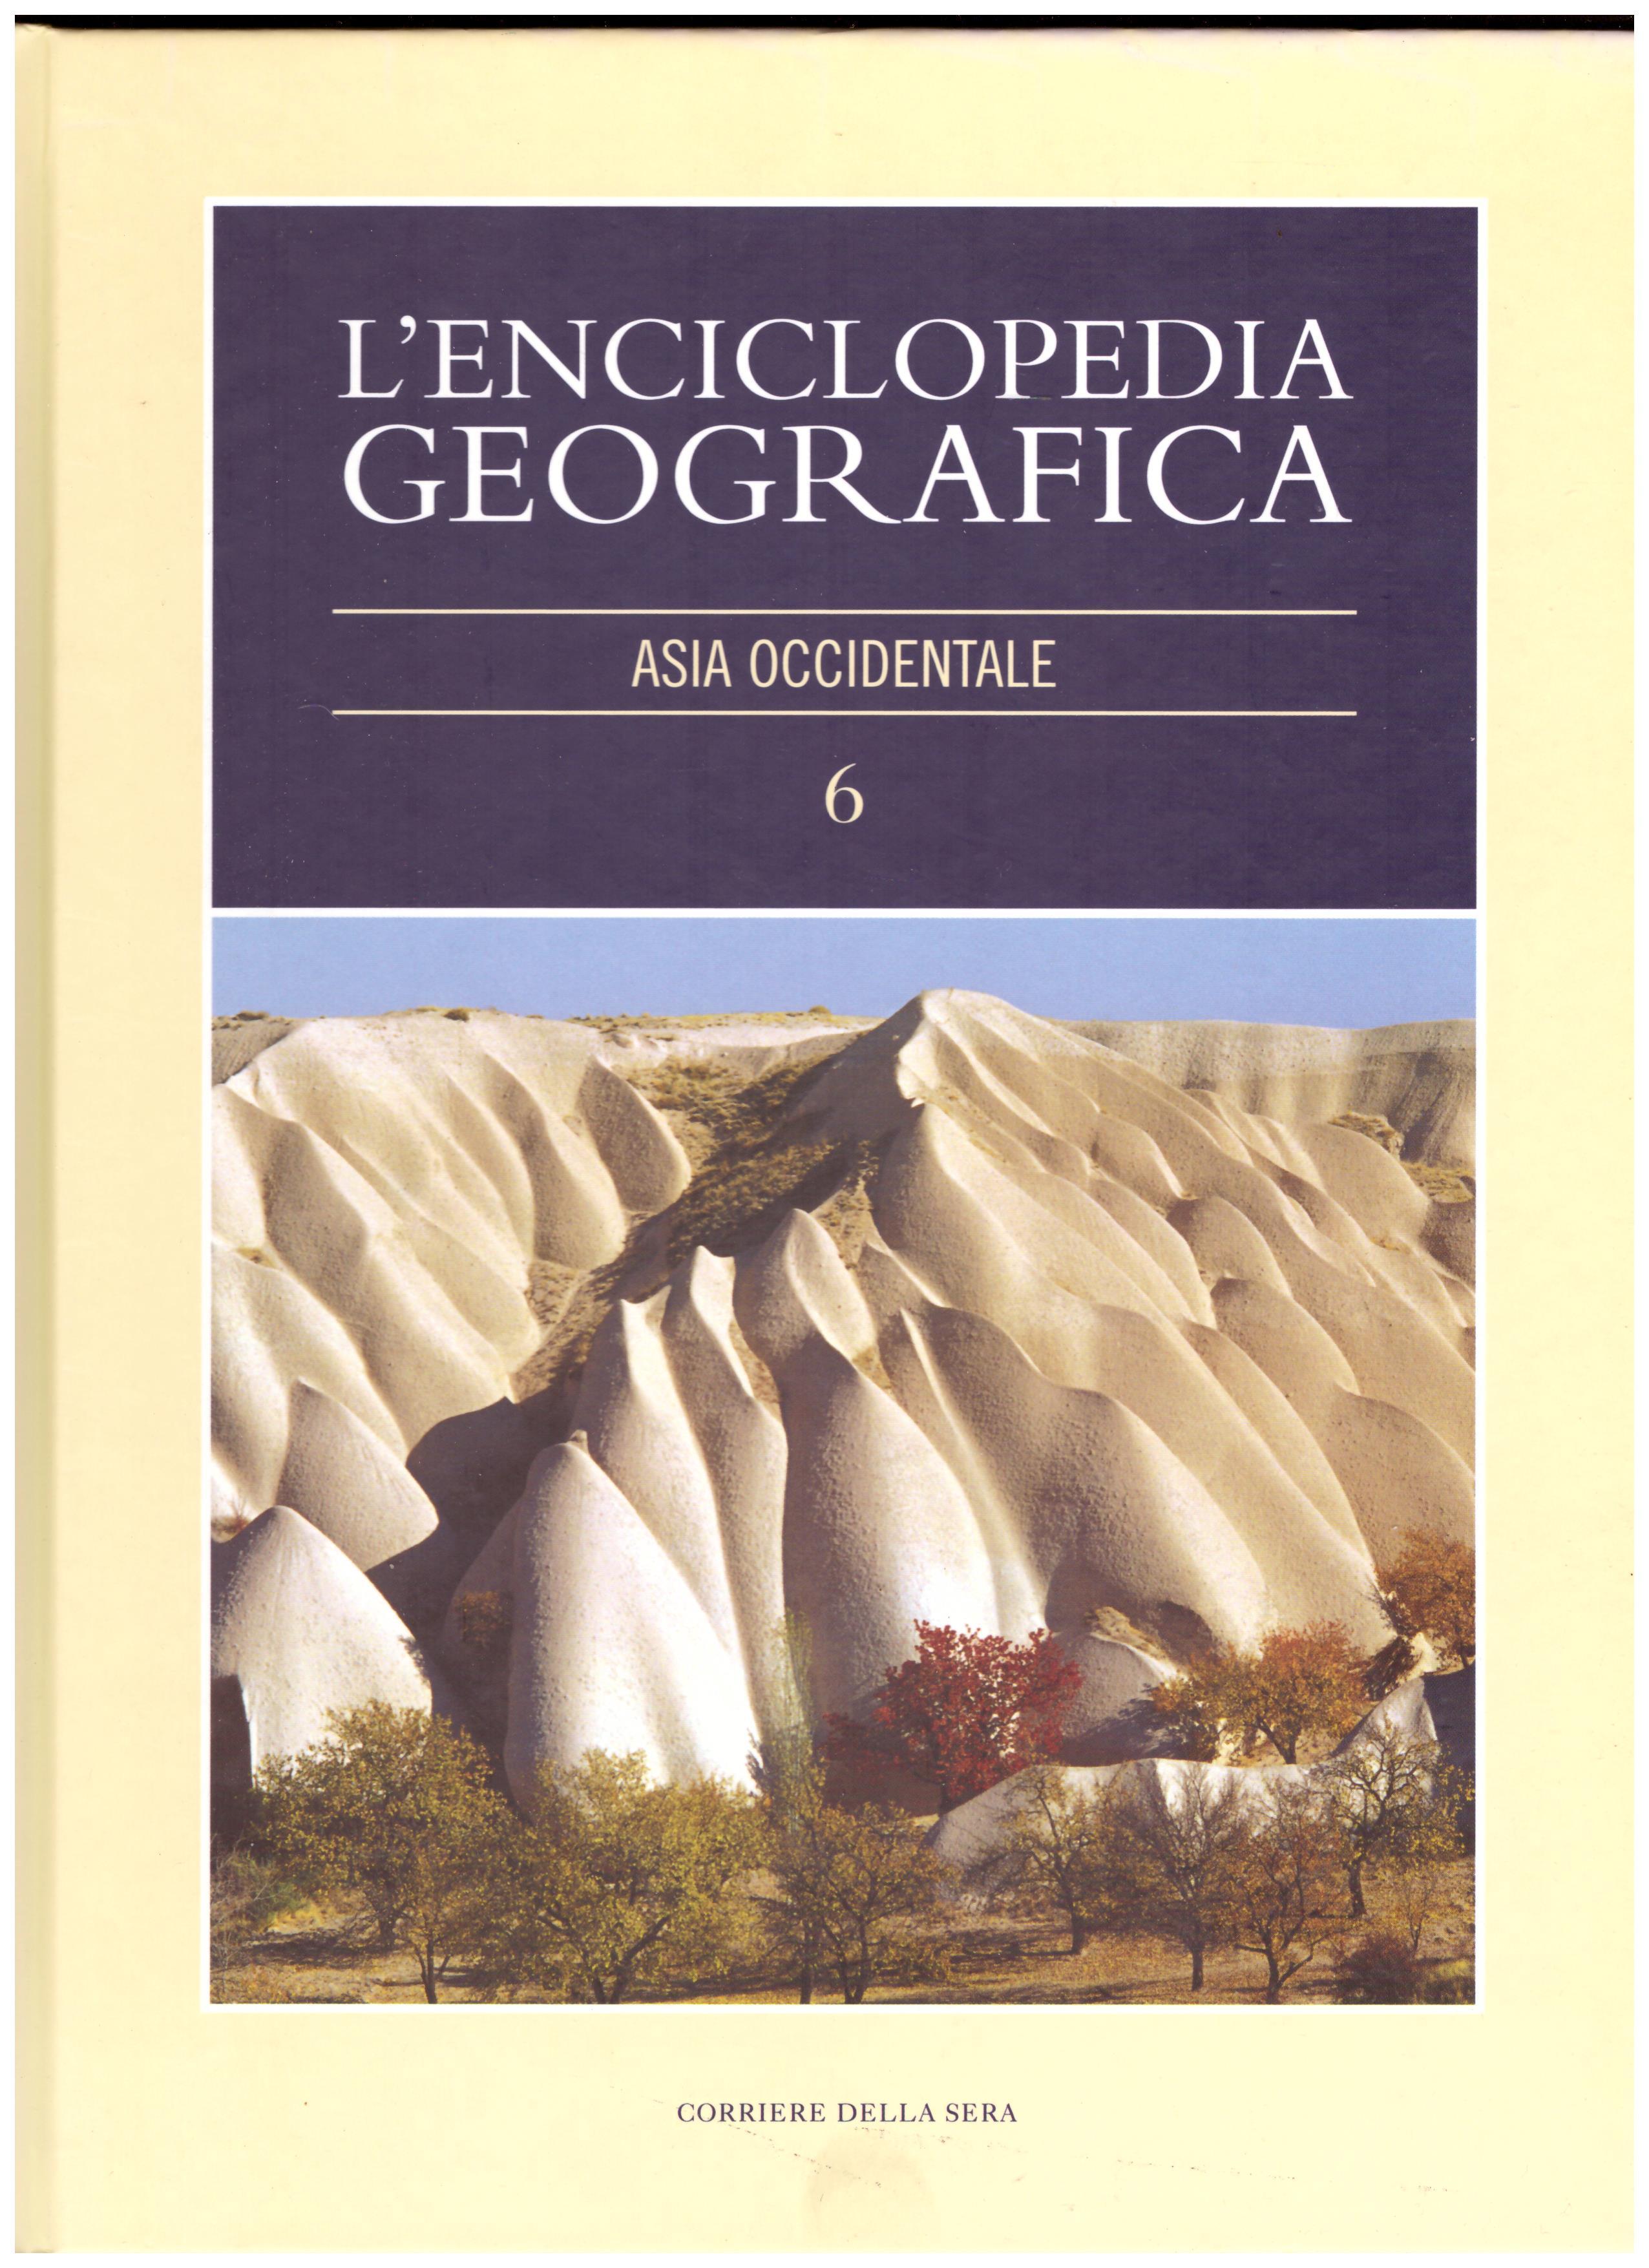 Titolo: L'enciclopedia della geografia, n.6  Asia occidentale Autore : AA.VV.  Editore: corriere della sera